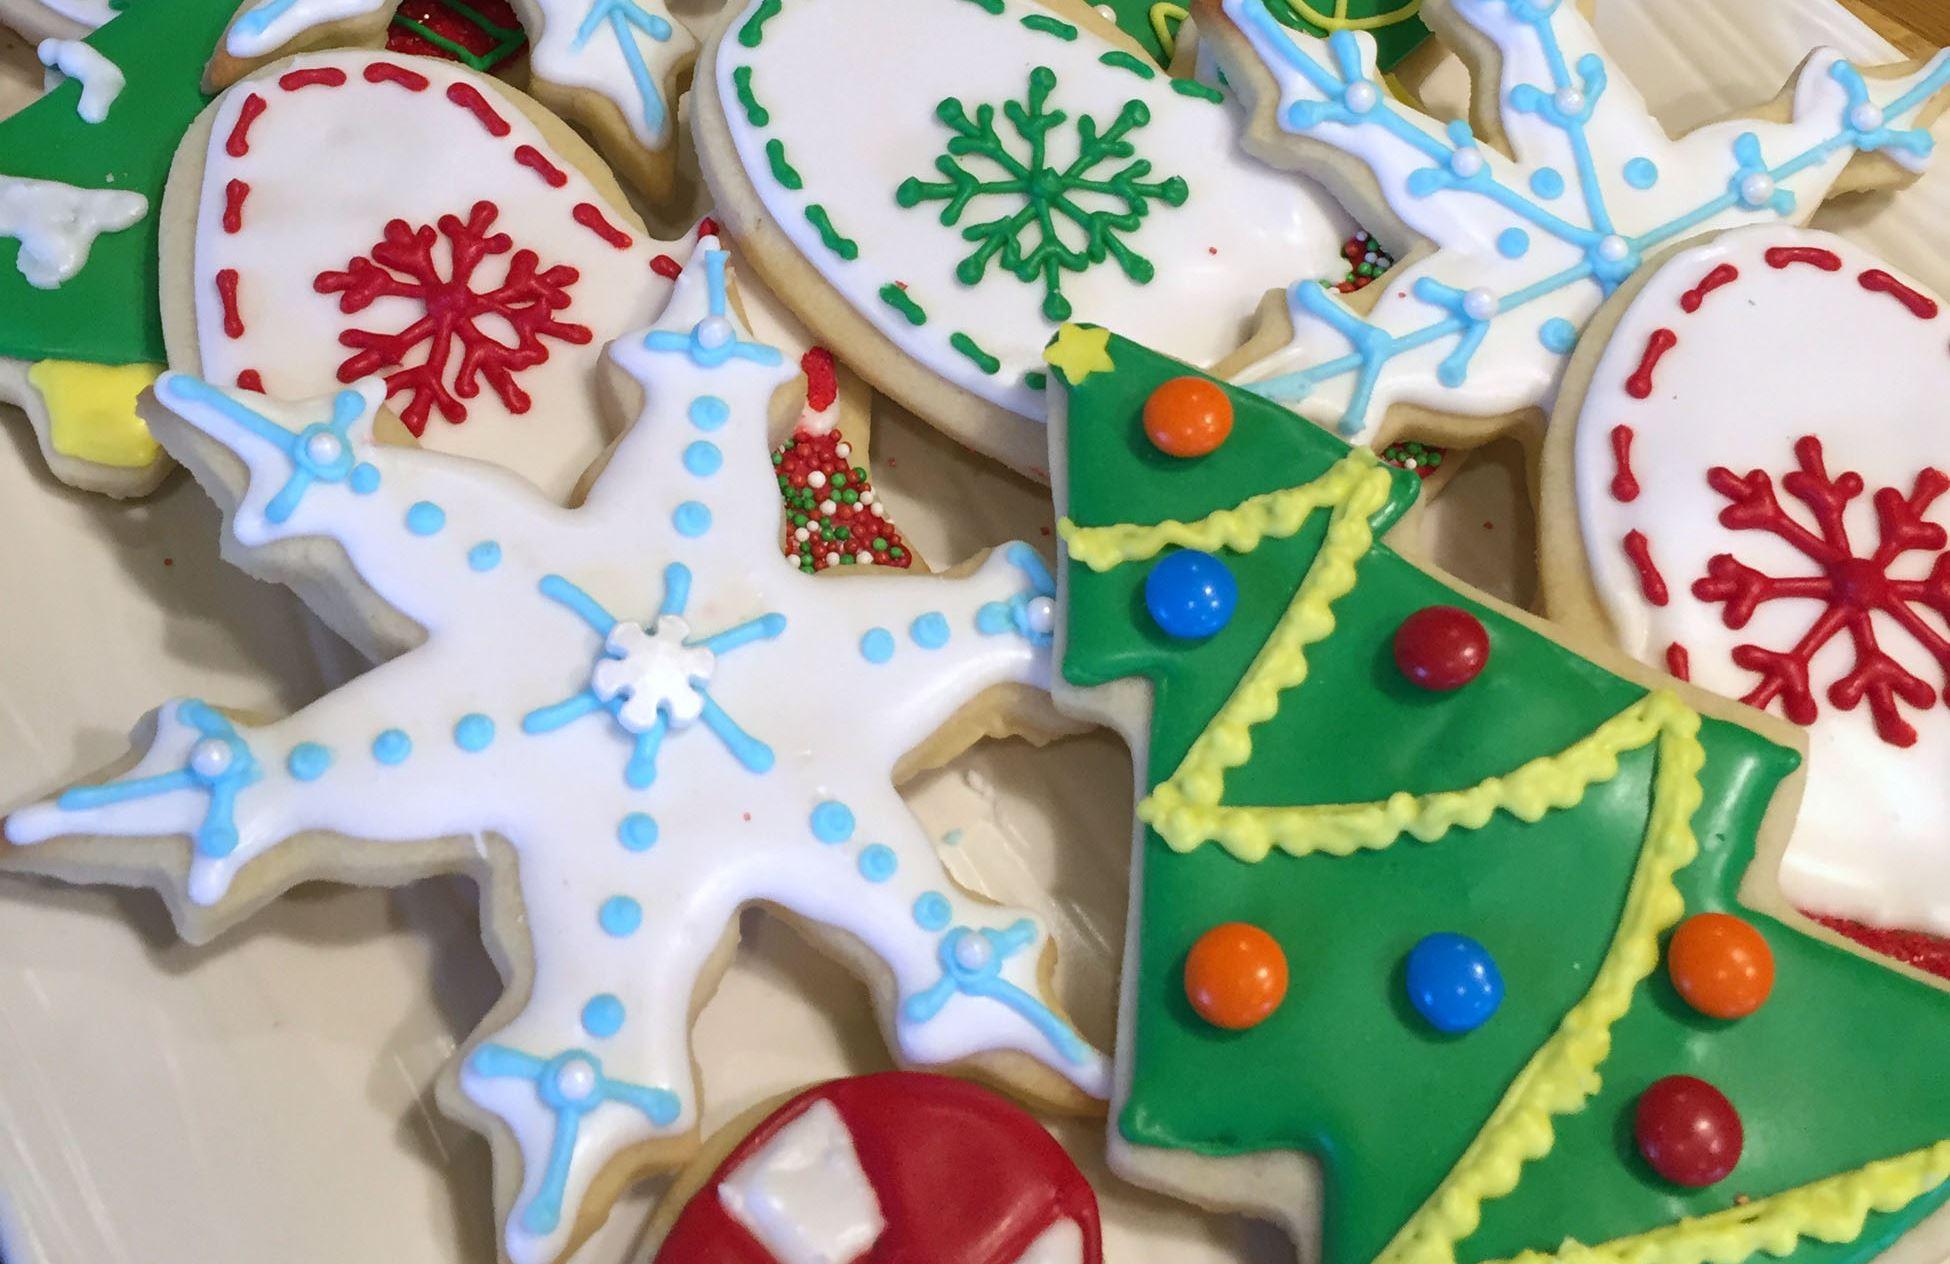 How to make christmas sugar cookies - Christmascookies1209 Cut Out Christmas Sugar Cookies